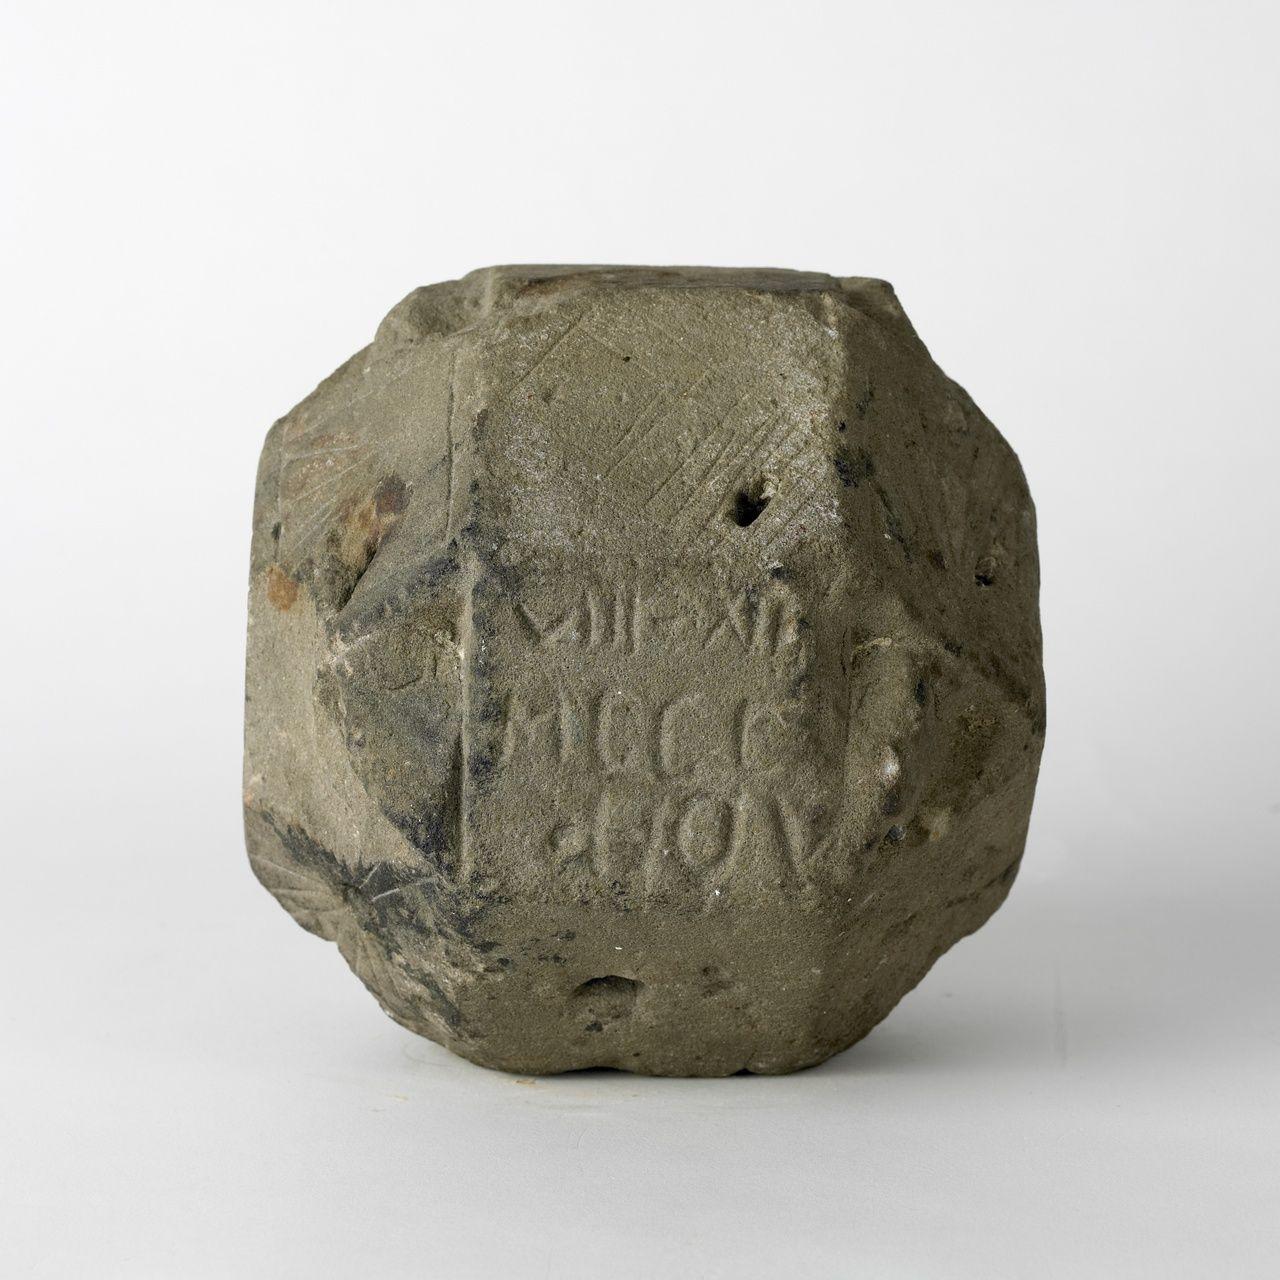 Stenen zonnewijzer gevonden in Sluis, circa 1700 (Zeeuws Museum, KZGW, foto Ivo Wennekes). Deze stenen zonnewijzer is een meervoudige zonnewijzer. Hij is gevonden in Sluis in een hoop stenen aan de rand van een weiland, naast de weg van Sluis naar Oostburg. Mogelijk is de zonnewijzer afkomstig uit een klooster. Hij is bijzonder vanwege zijn formaat: de steen is nog geen 20 centimeter breed. Het is een zandstenen regelmatig 26-vlak, een zogenaamde rombische cuboöctaeder. Hij heeft 18 vierkanten en 8 gelijkzijdige driehoeken als zijvlakken.